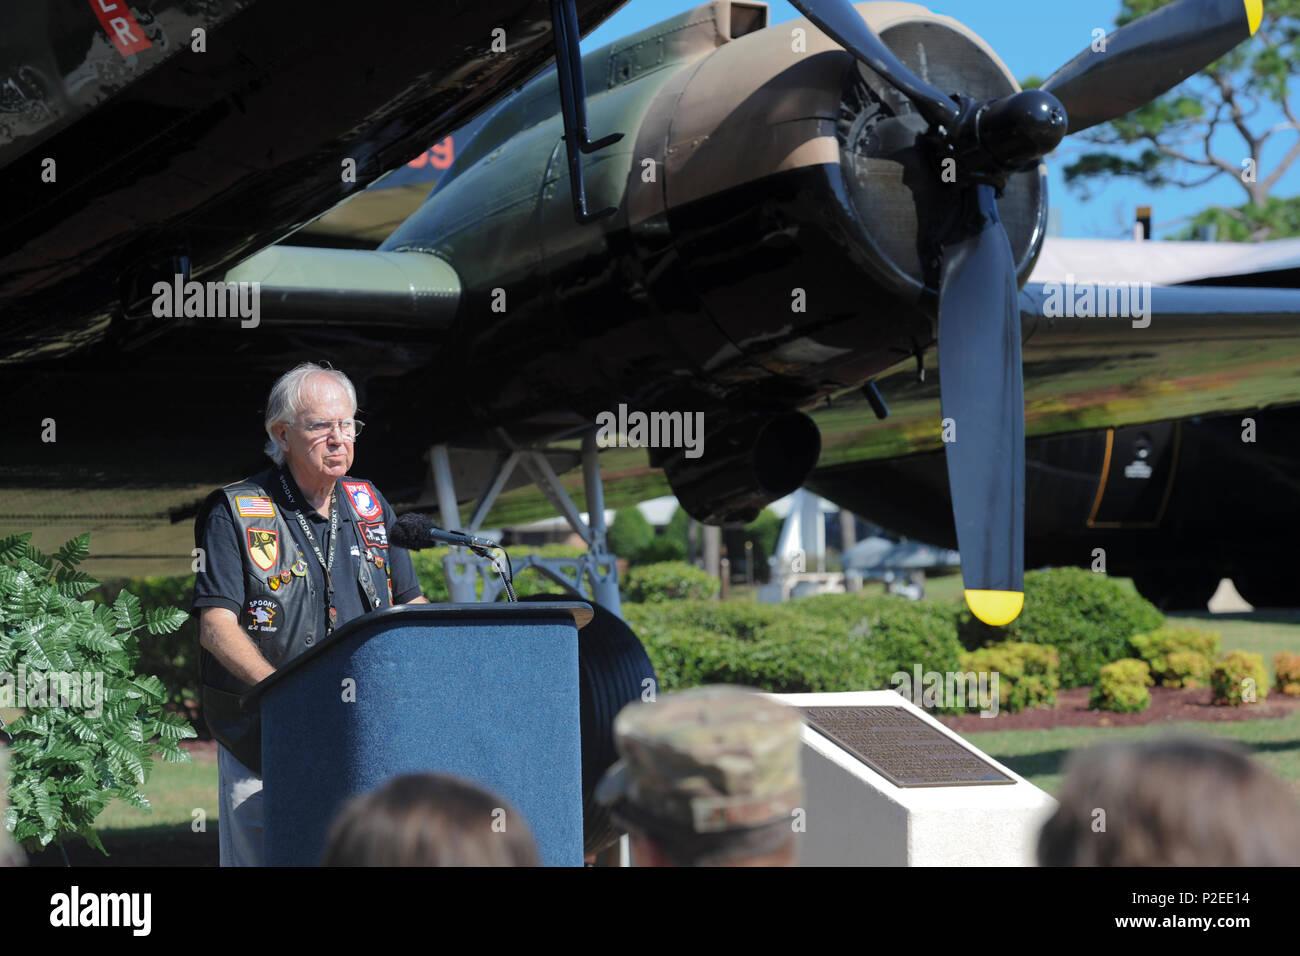 Al Sproul, membre de l'AC-47 Spooky fraternité de combat, prend la parole lors d'une cérémonie d'inauguration de la plaque à l'Hurlburt Field Air Park, Floride, 9 septembre 2016. La première AC-47 Les missions de combat ont eu lieu en décembre 1964 lors de la guerre du Vietnam. En un an, ils ont volé missions dans le Sud Vietnam fournissant la défense locale dans la nuit. Sur des milliers de reprises, empêché les équipes de Spooky positions amies d'être envahi. (U.S. Air Force photo par Airman Dennis Espagne) Photo Stock